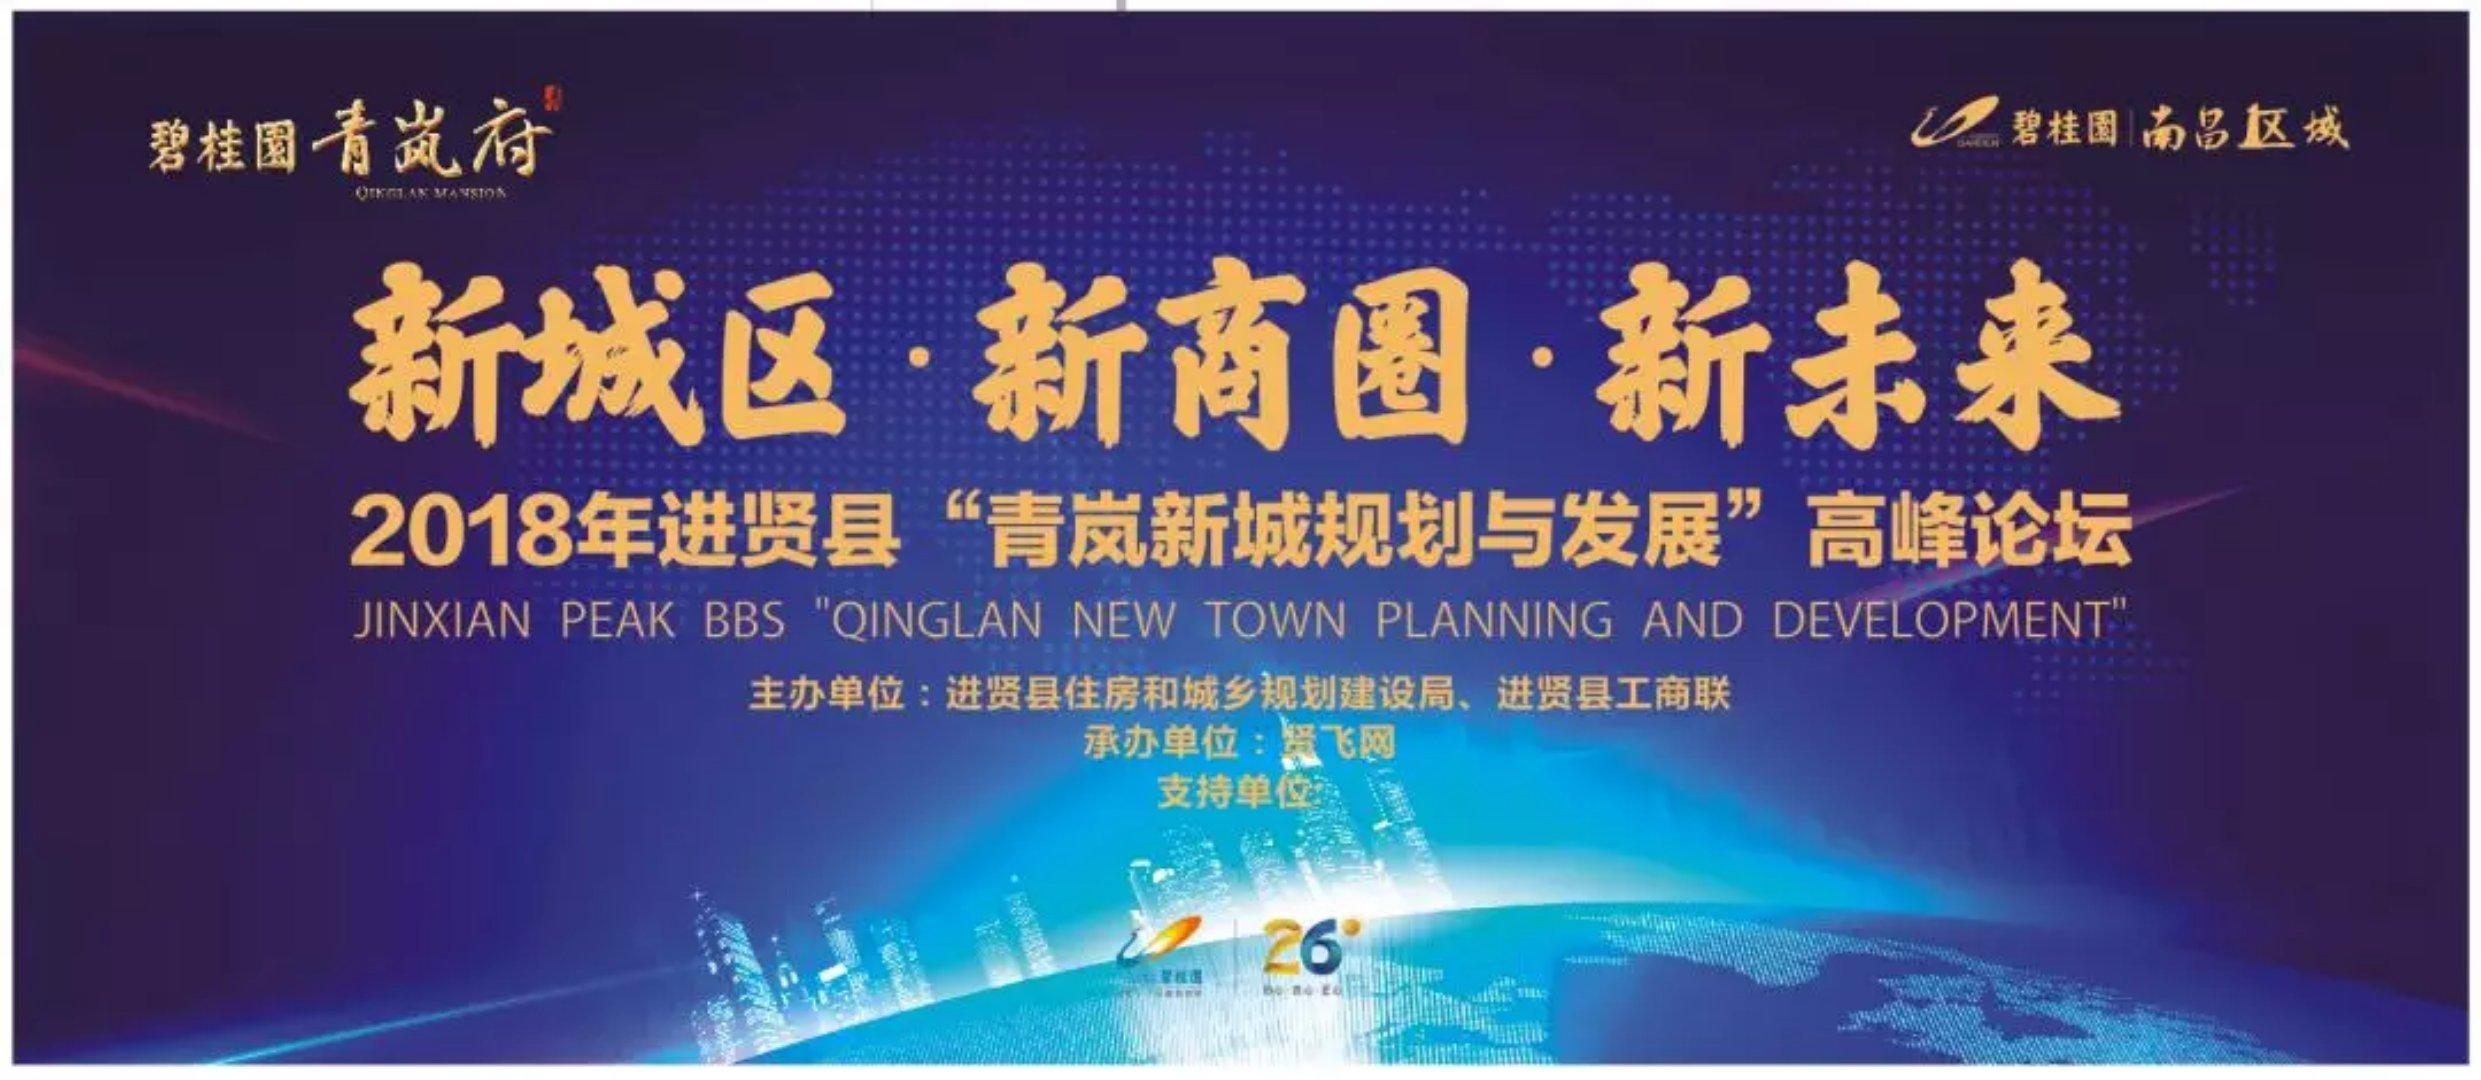 """直播:2018南昌·进贤""""青岚新城规划与发展""""高峰论坛"""